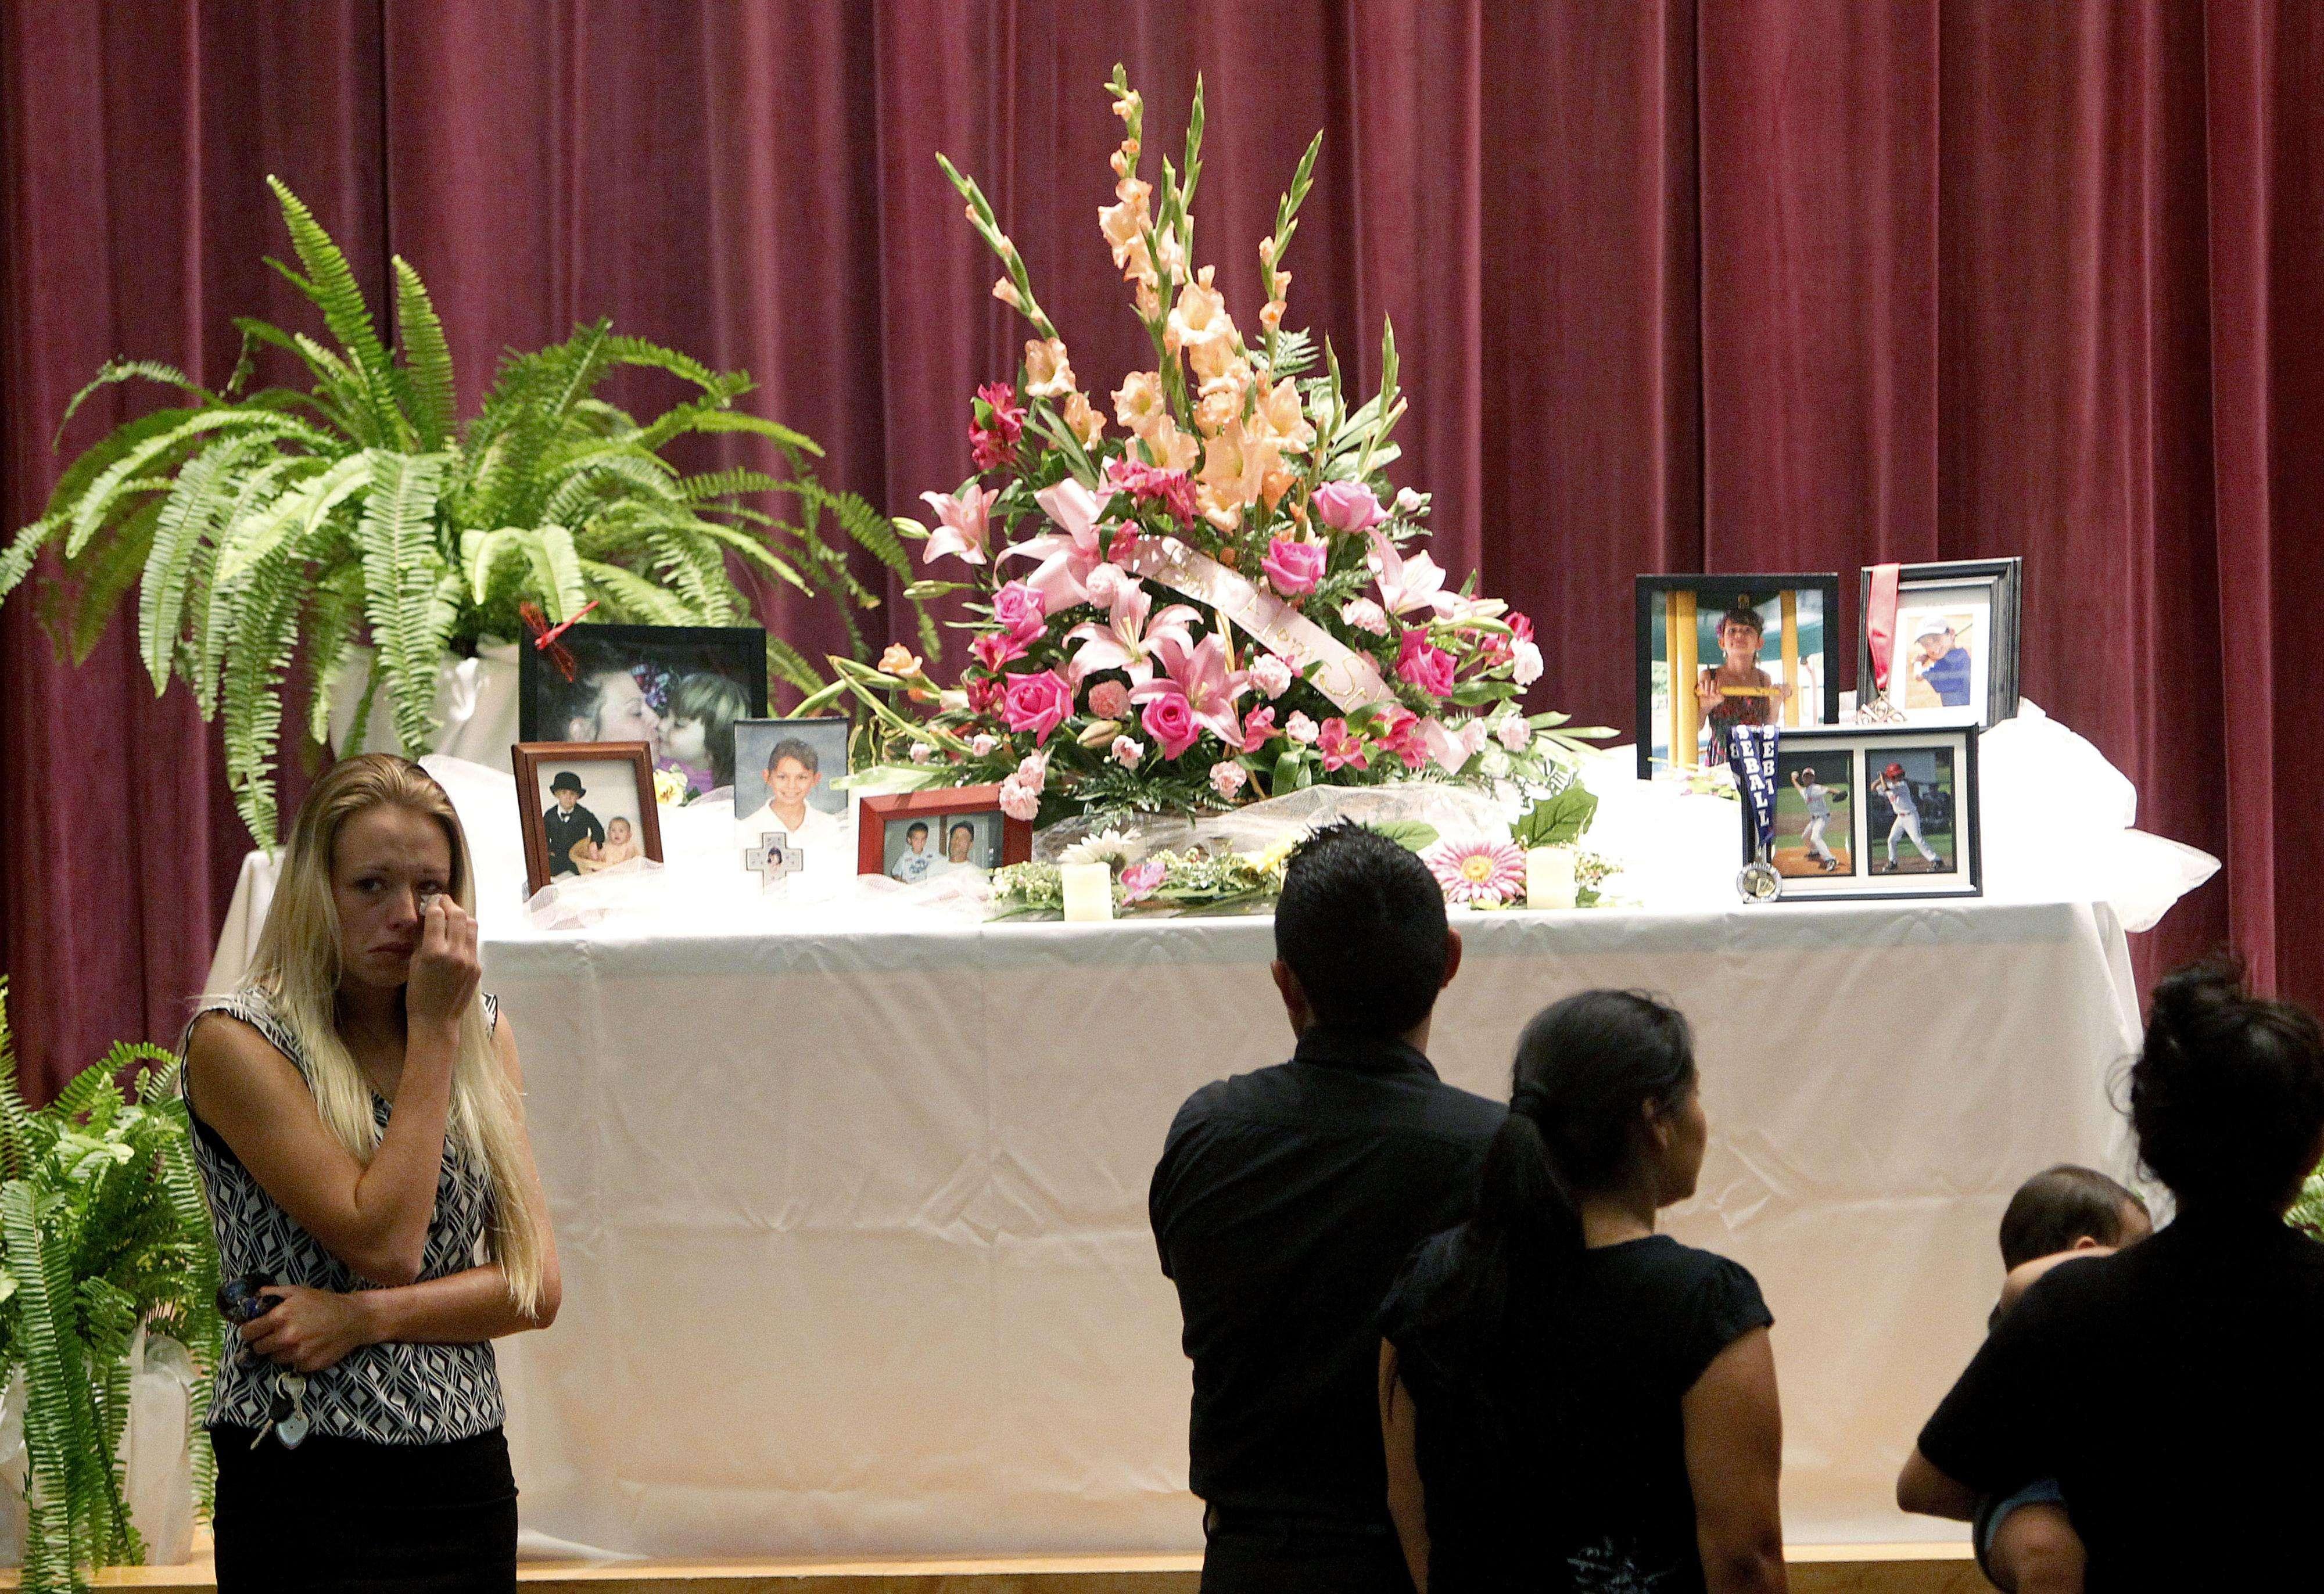 Servicio funerario en memoria de las pequeñas víctimas realizado el 21 de septiembre en Bell, Fla. Foto: AP en español